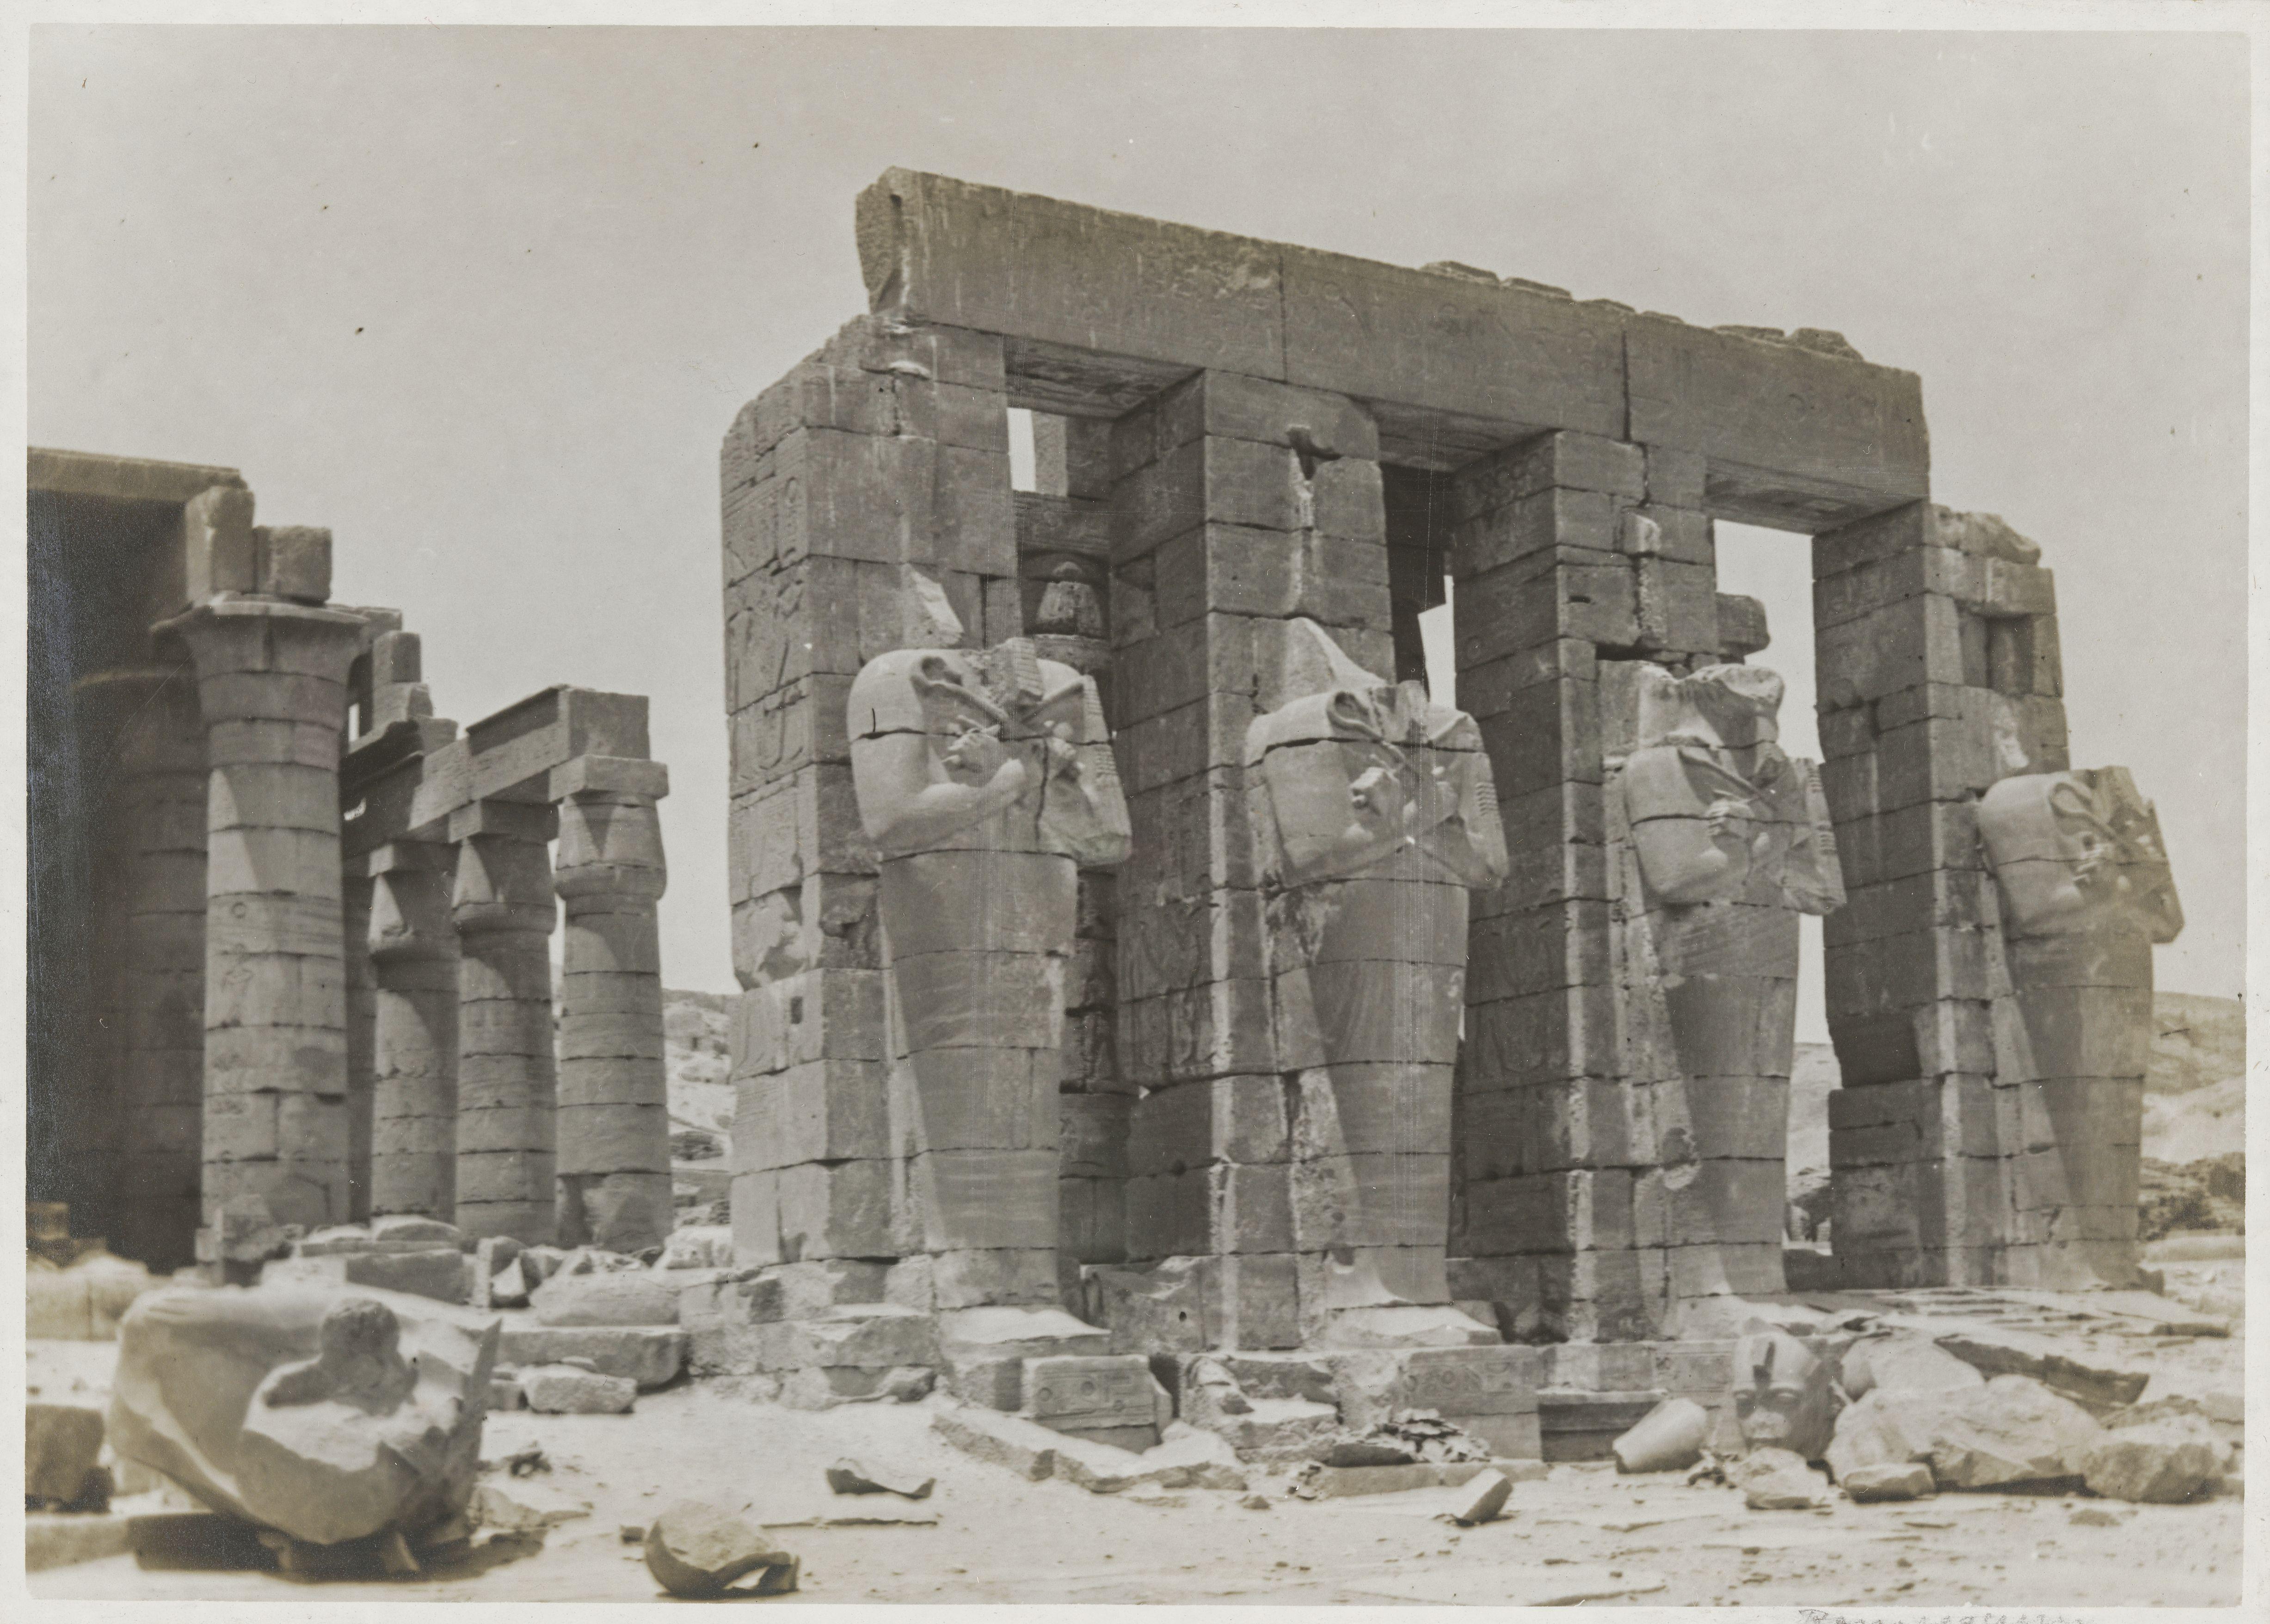 Рамессеум. Колонны со статуями Осириса на западной стороне. Двор, слева большой колонный зал